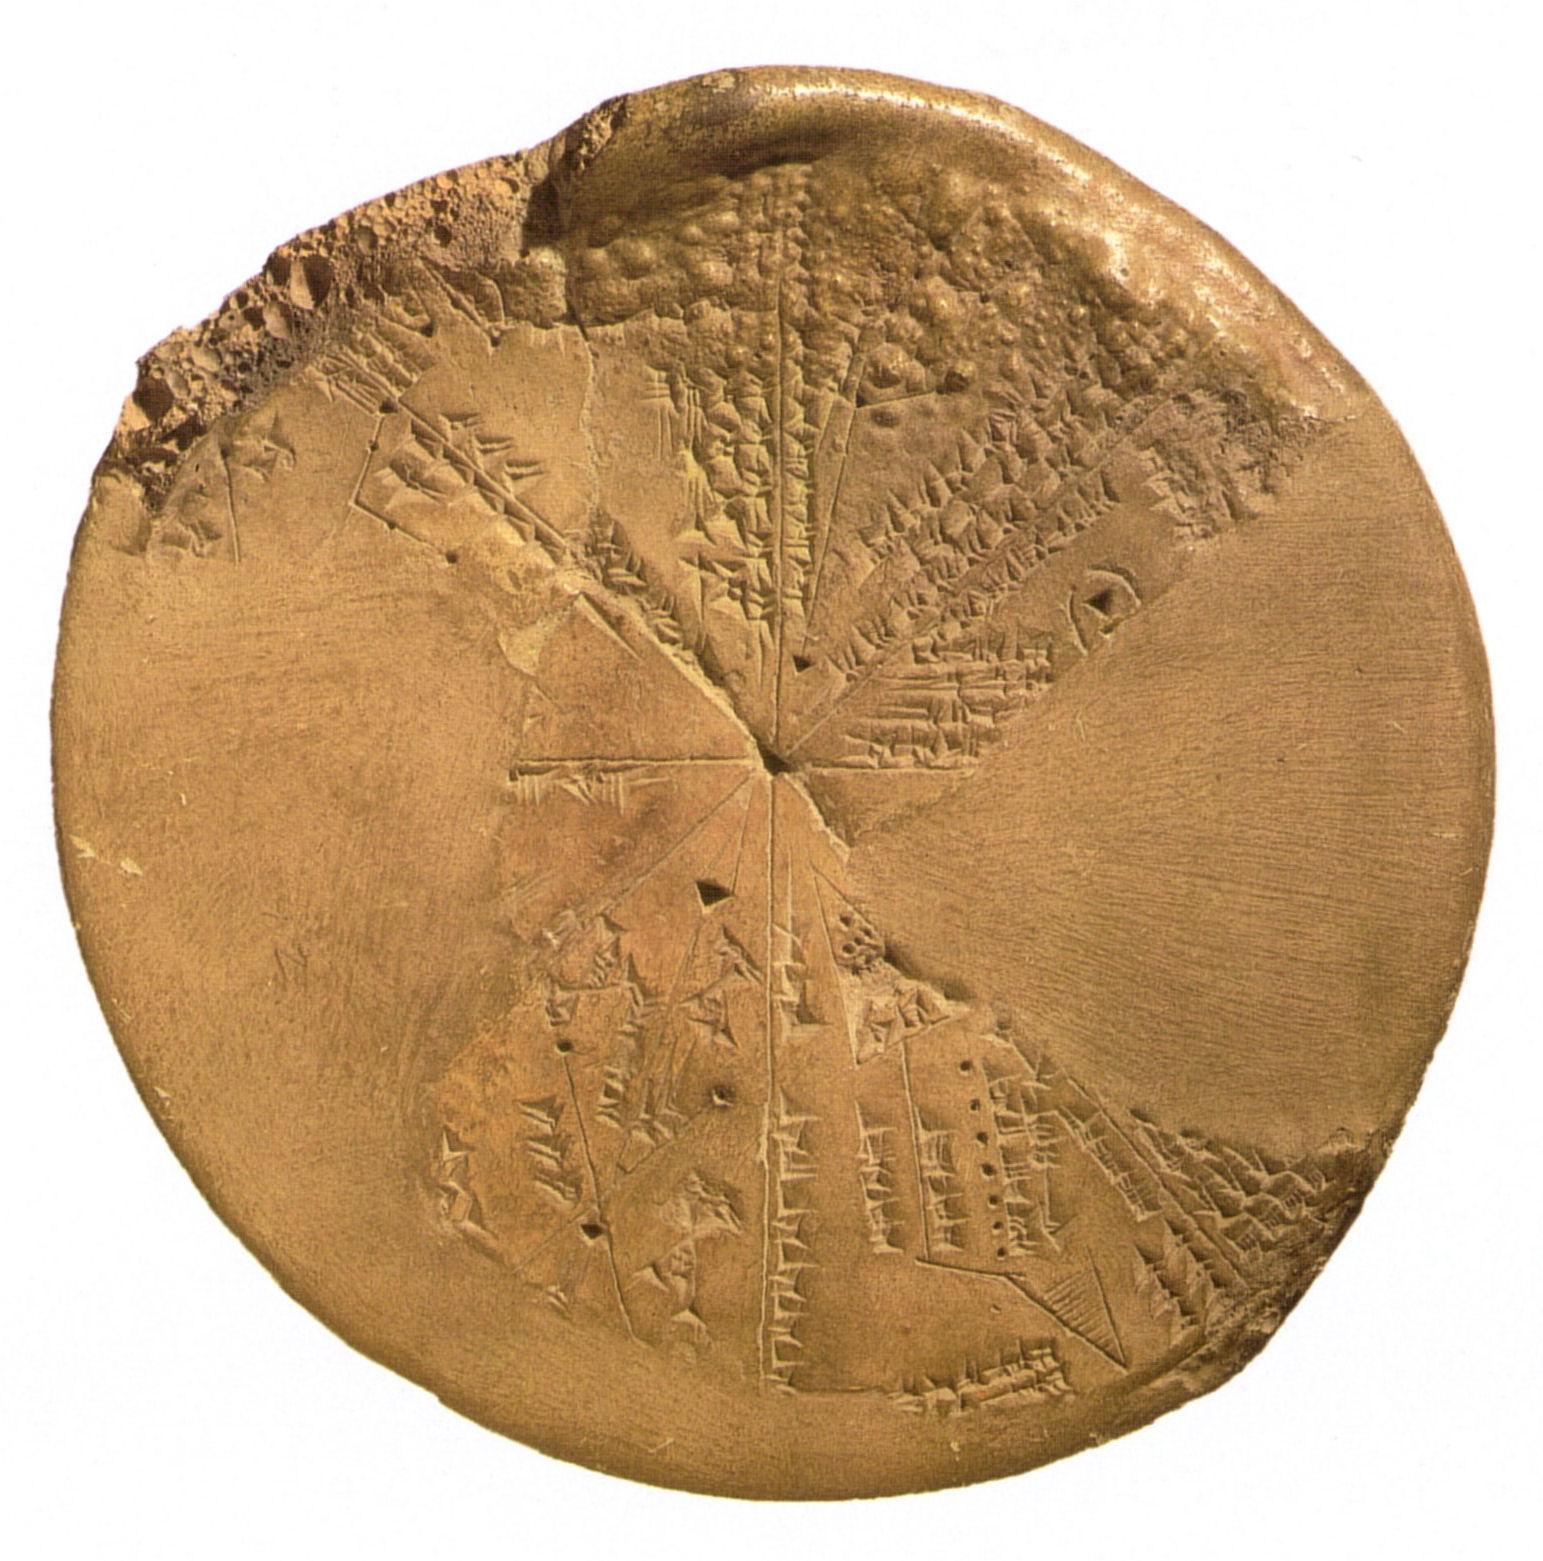 Calendário da Babilônia mostrando constelações. British Museum, London